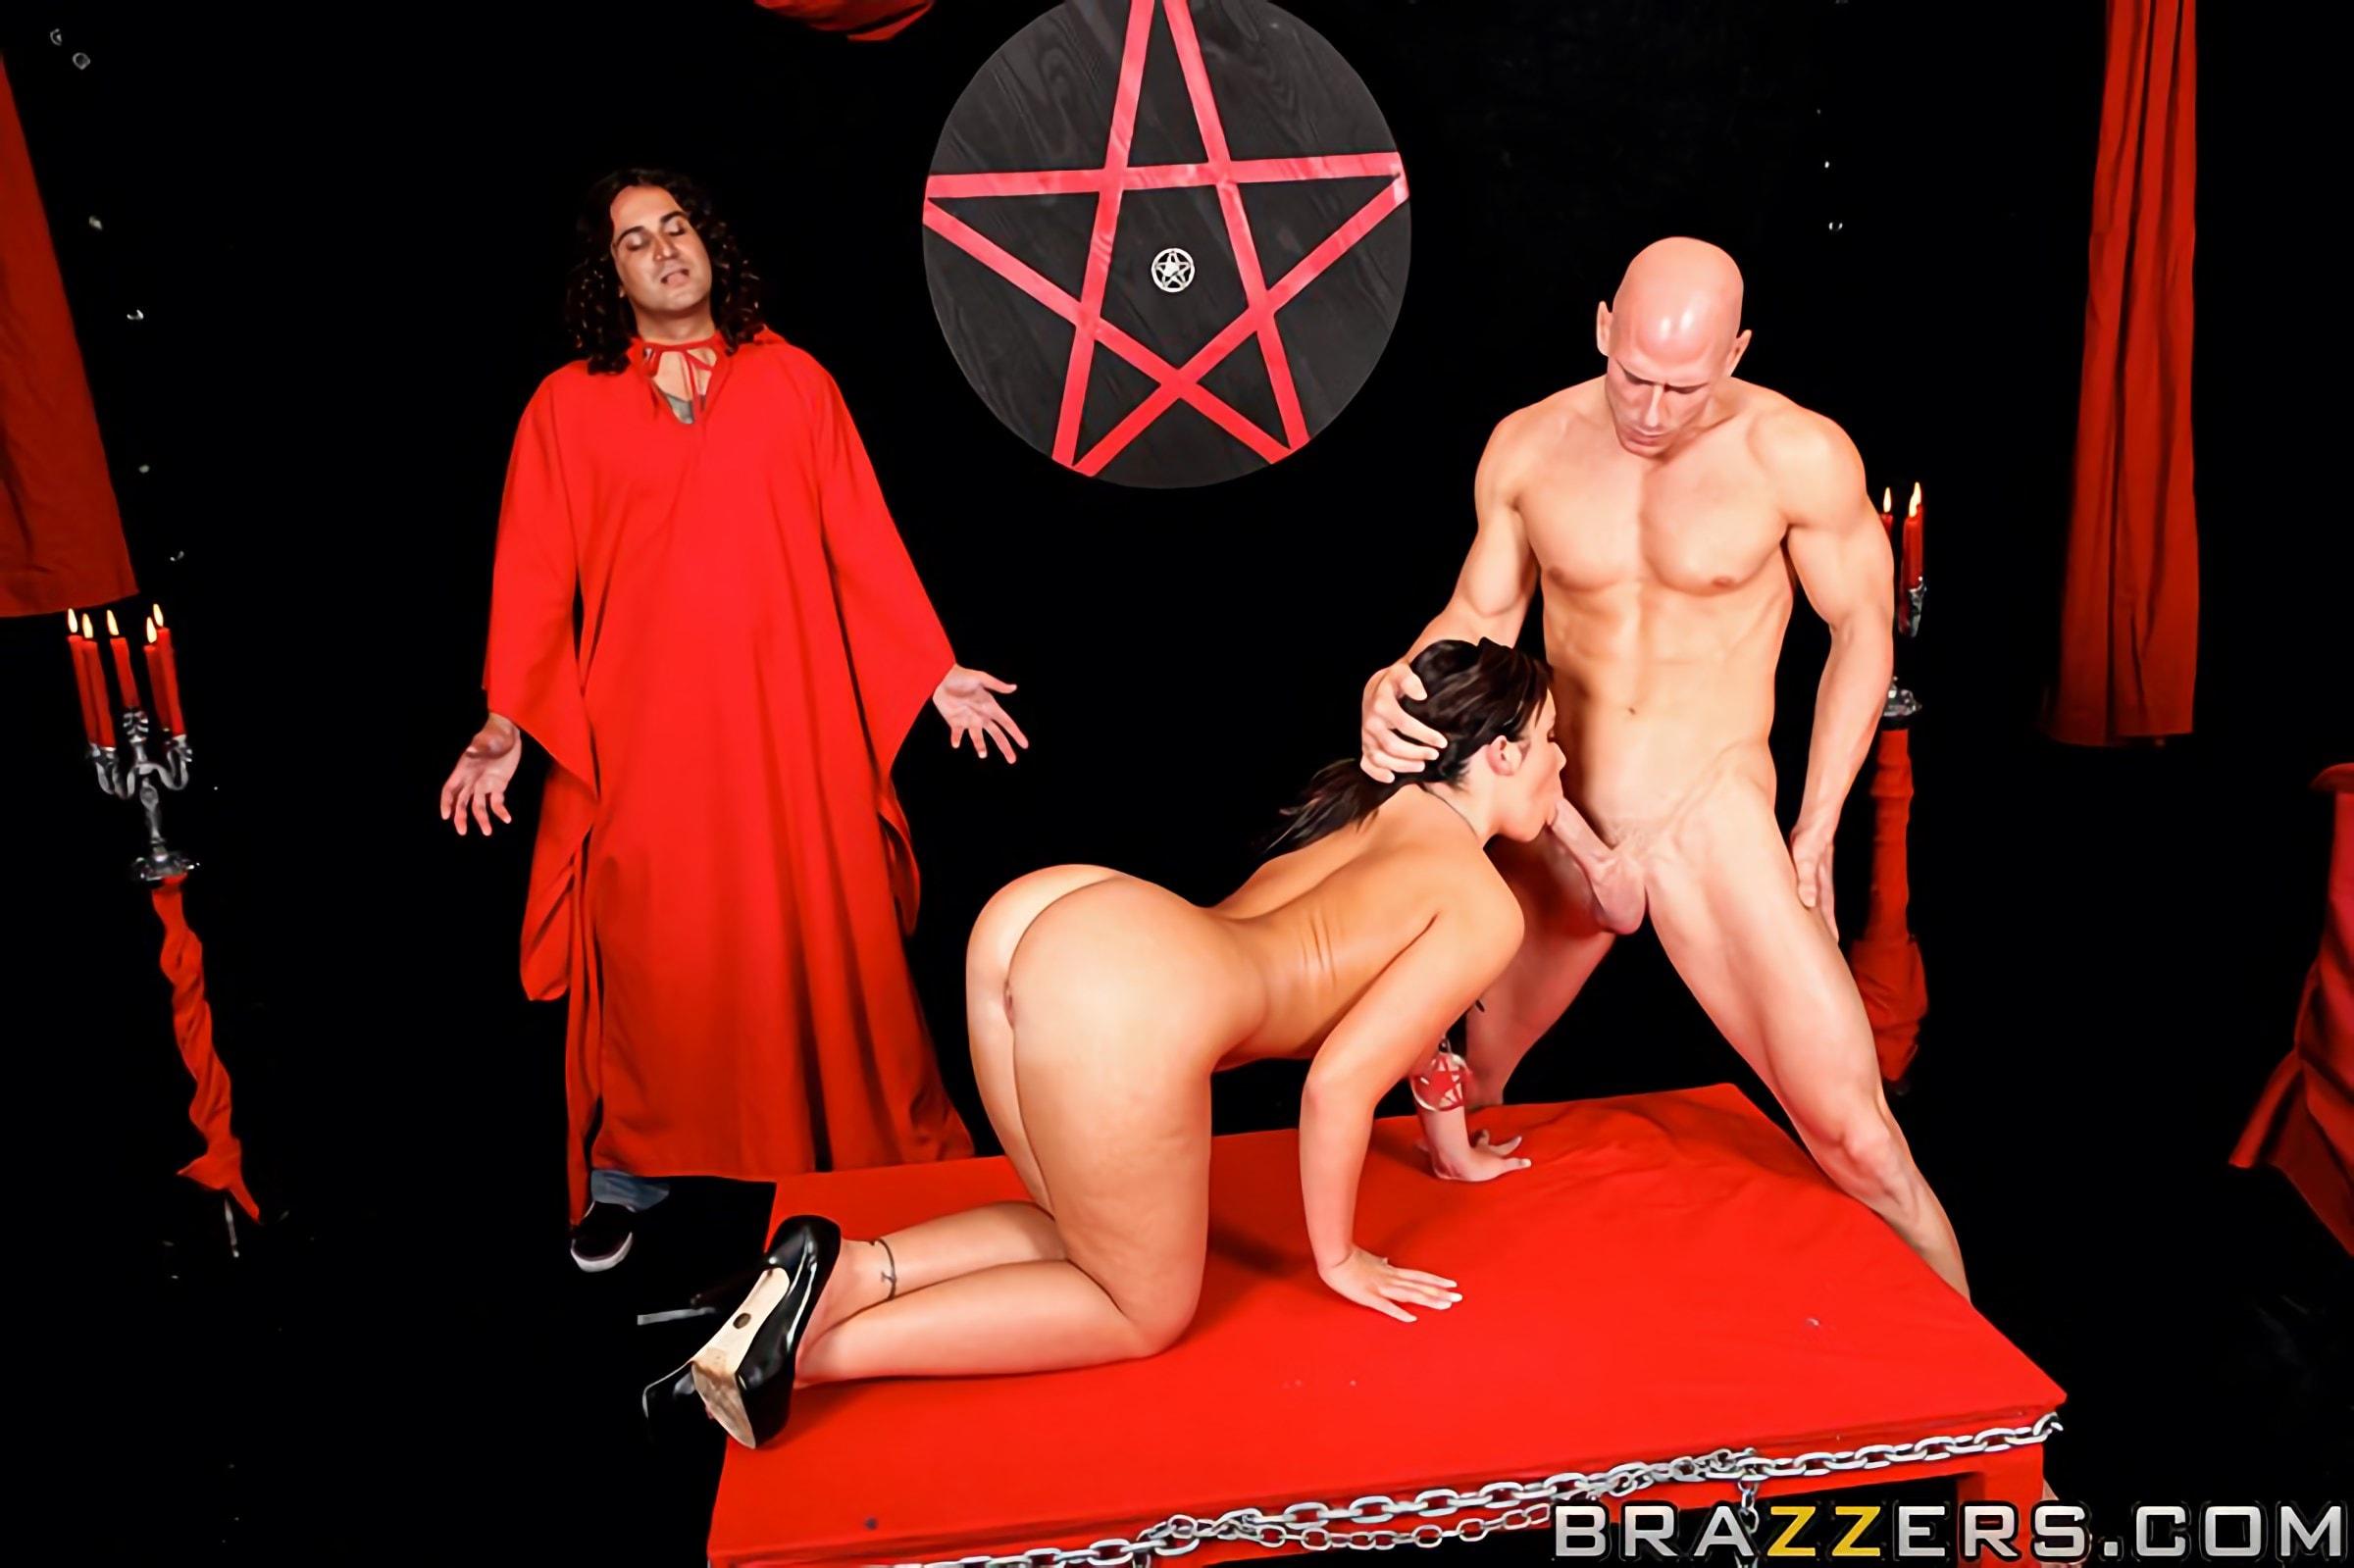 satanism-sex